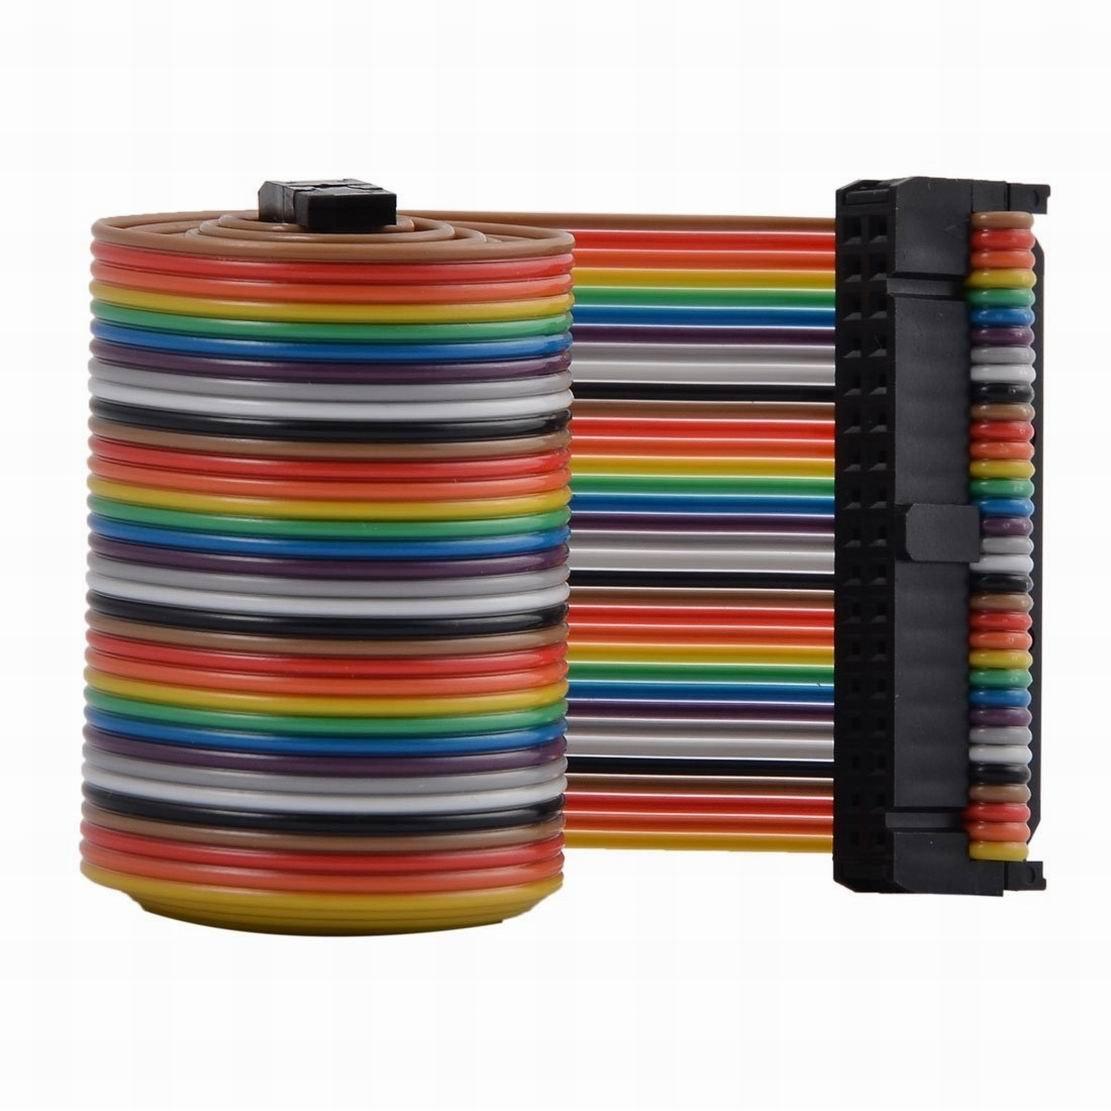 Houseuse F/F 66cm 34-Pin Flexible Breadboard Jumper Wire Ribbon Cable Line Multicolor